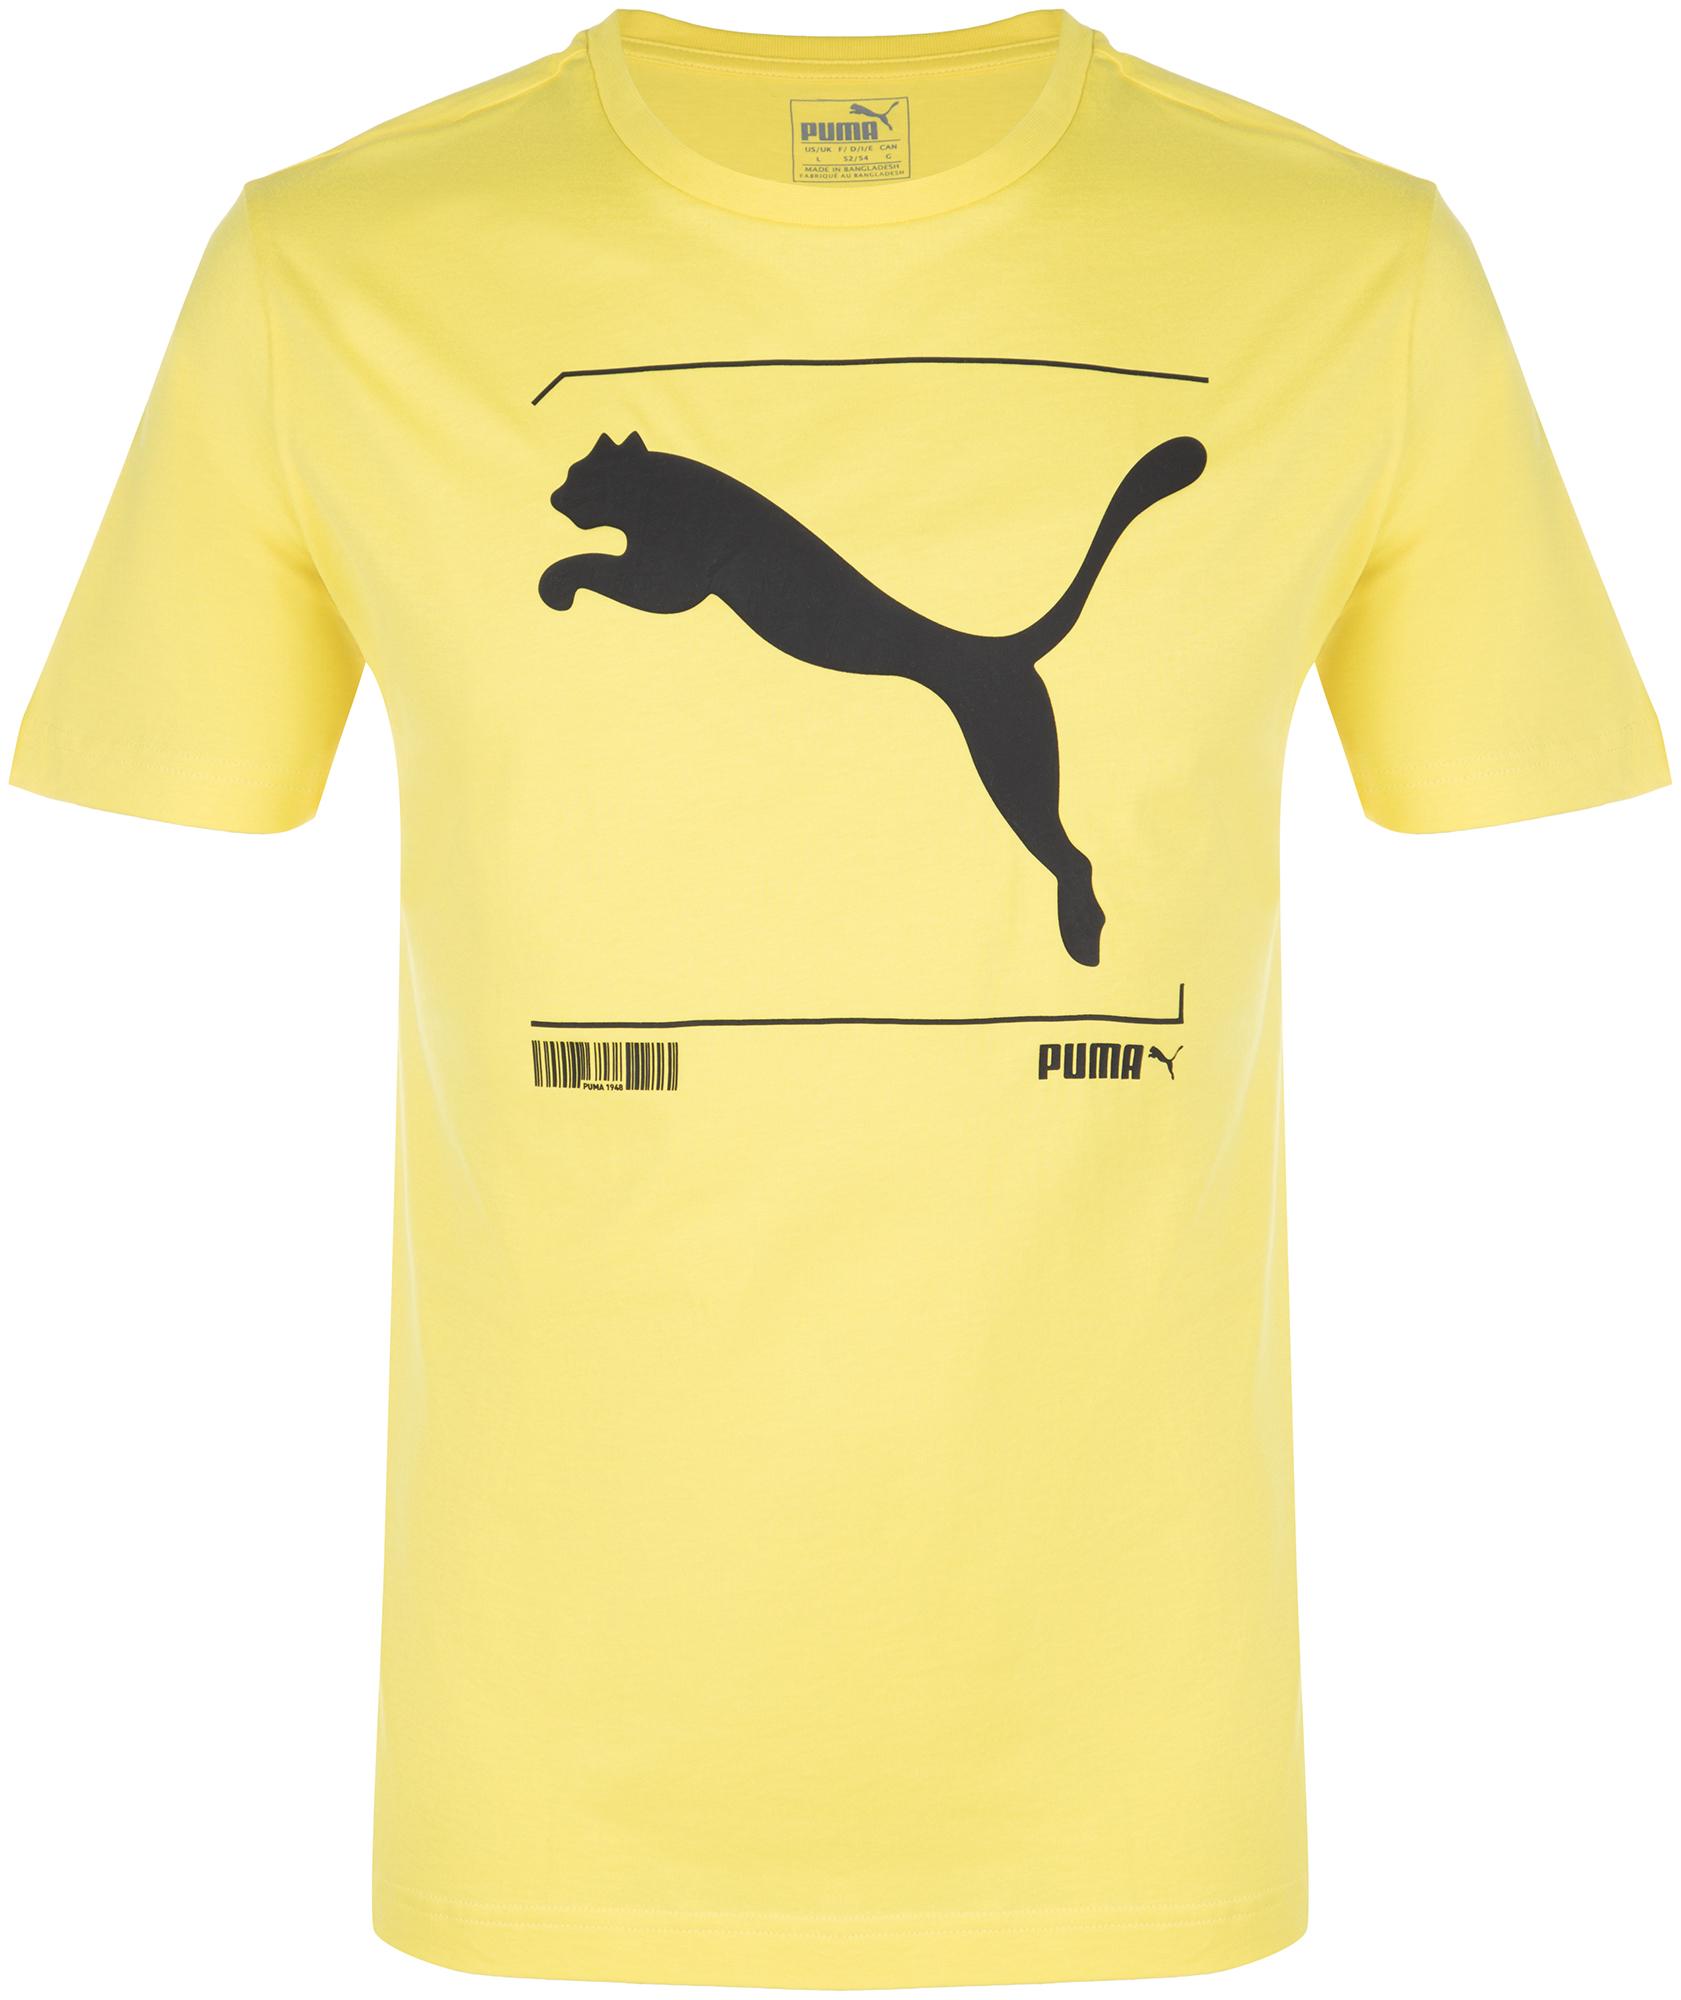 футболка для мальчика puma ftblnxt graphic shirt jr цвет желтый черный 655560047 размер 128 Puma Футболка мужская Puma Nu-tility Graphic, размер 50-52